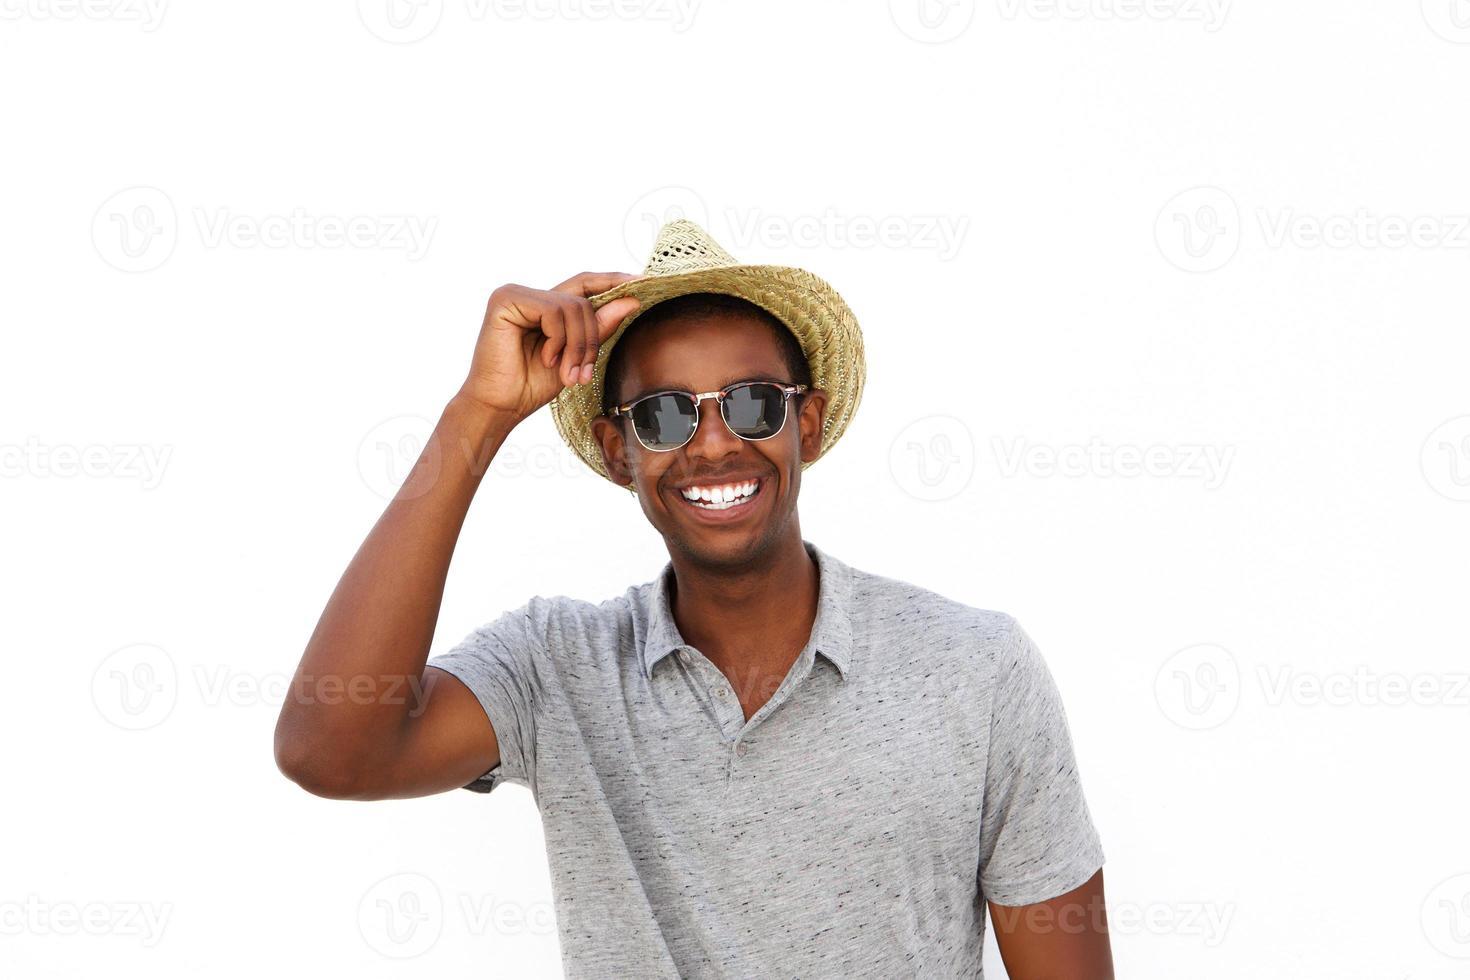 ragazzo afroamericano allegro che sorride con il cappello e gli occhiali da sole foto